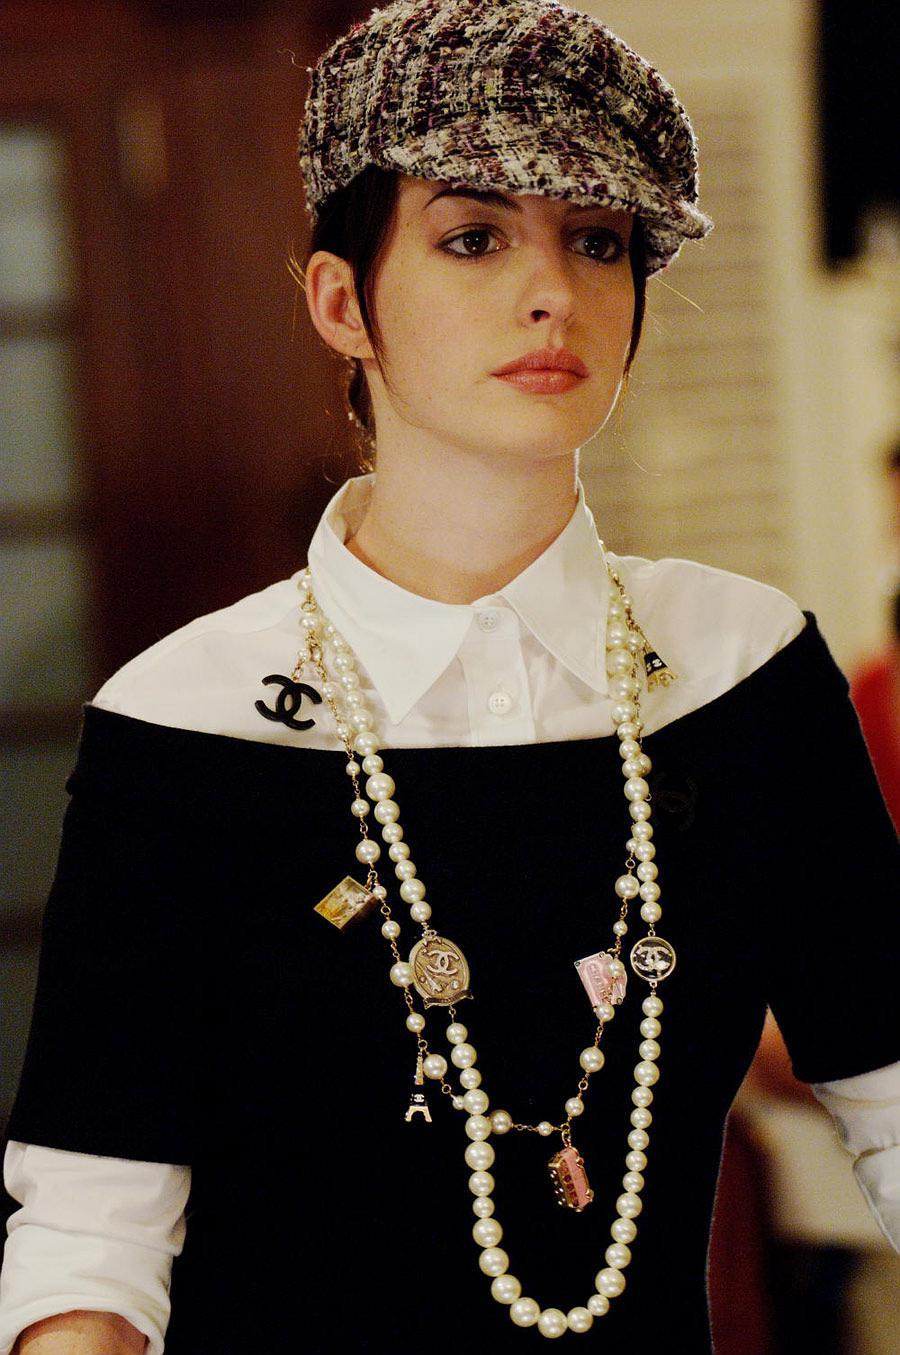 《穿Prada的恶魔》原著又有续集,艾米莉·布朗特有机会做主角?